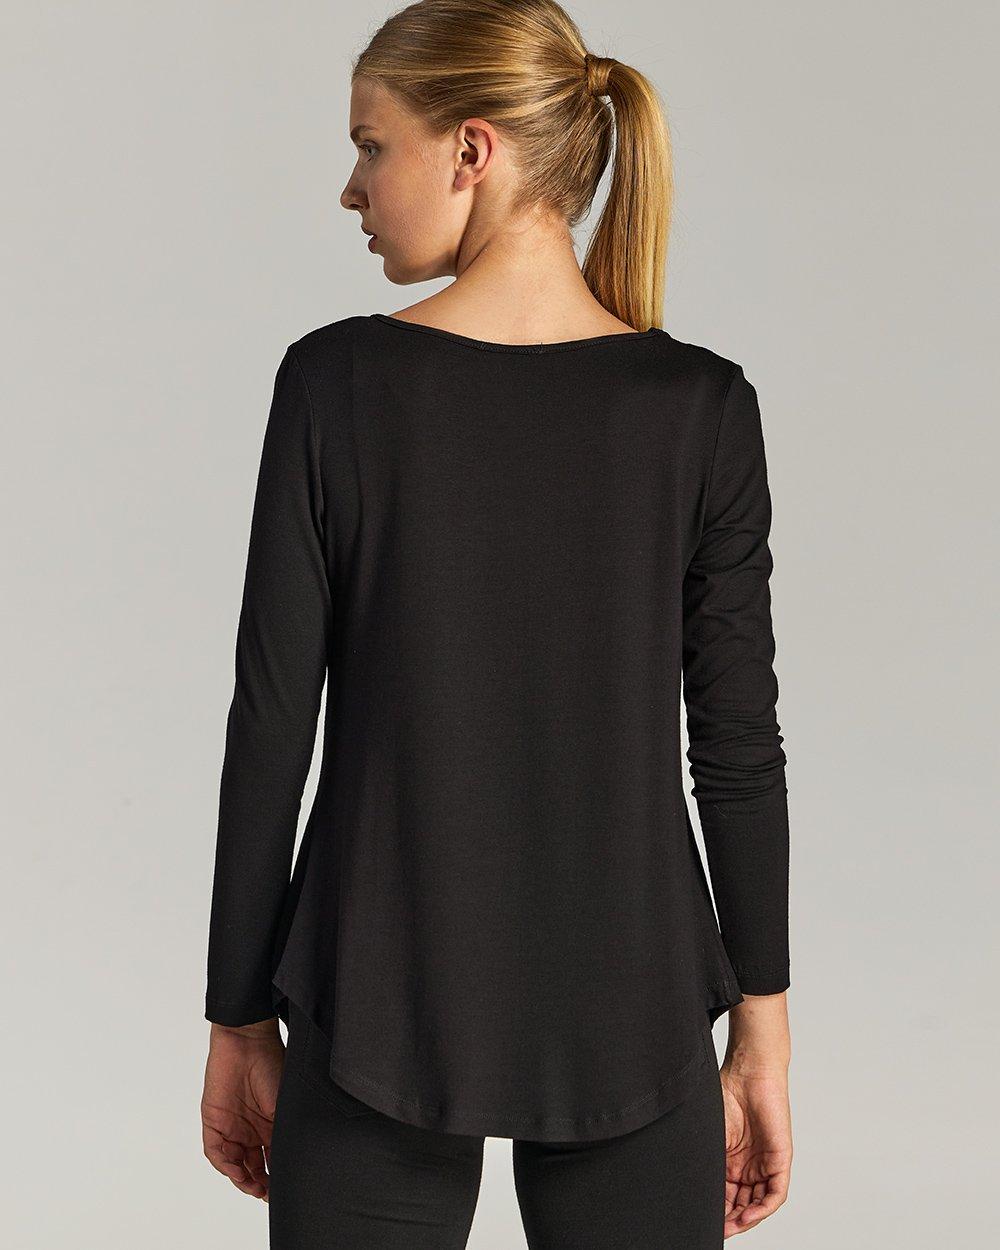 Μπλούζα με διακοσμητικά μοτίφ